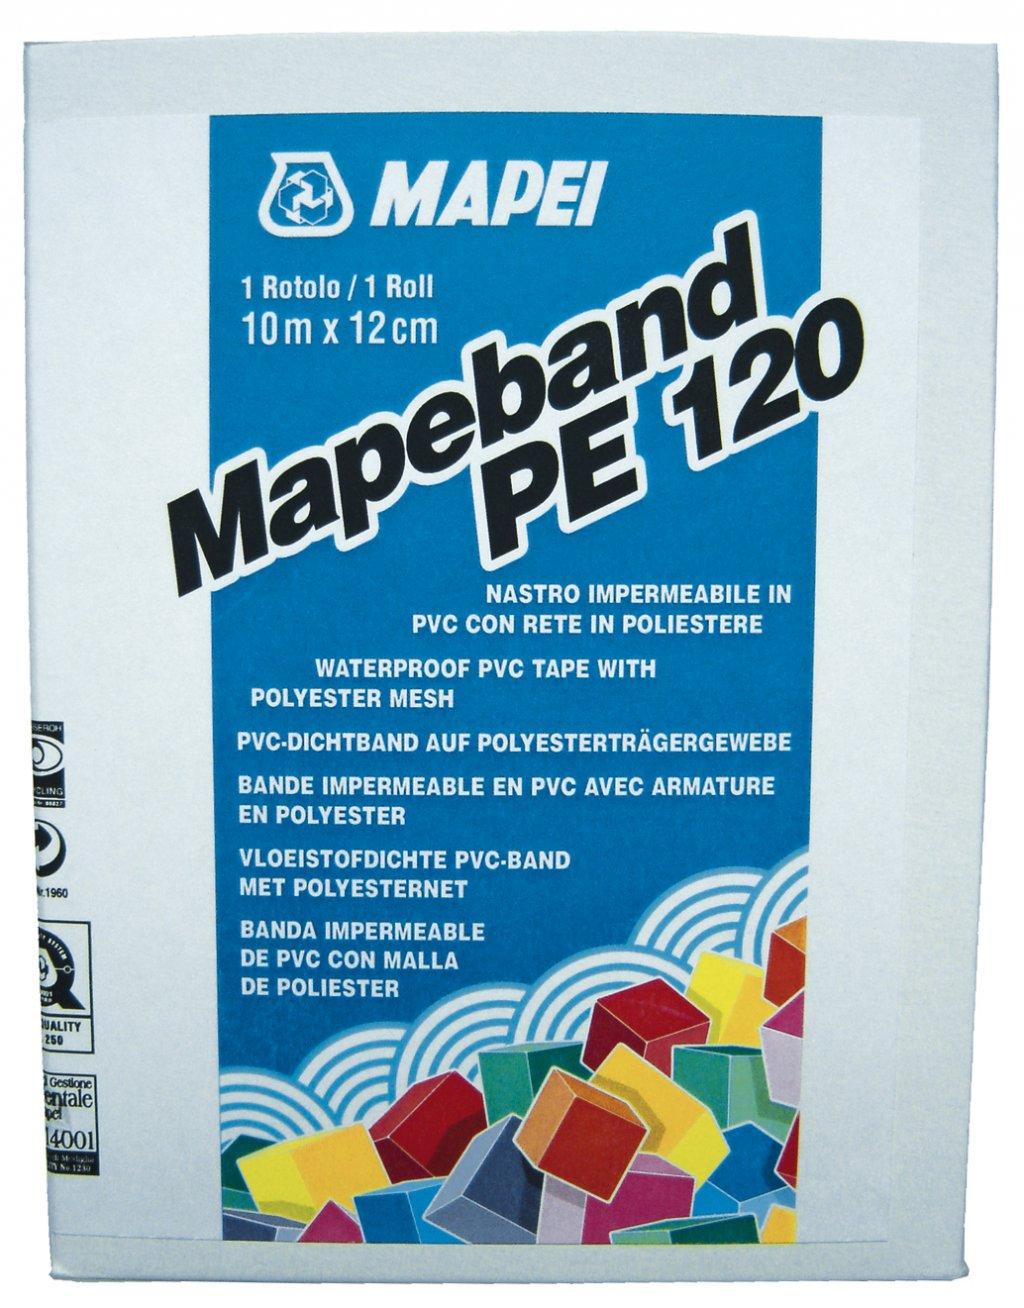 MAPEBAND PE 120 Mapei Polyesterový pogumovaný pás, vnitřní roh 0